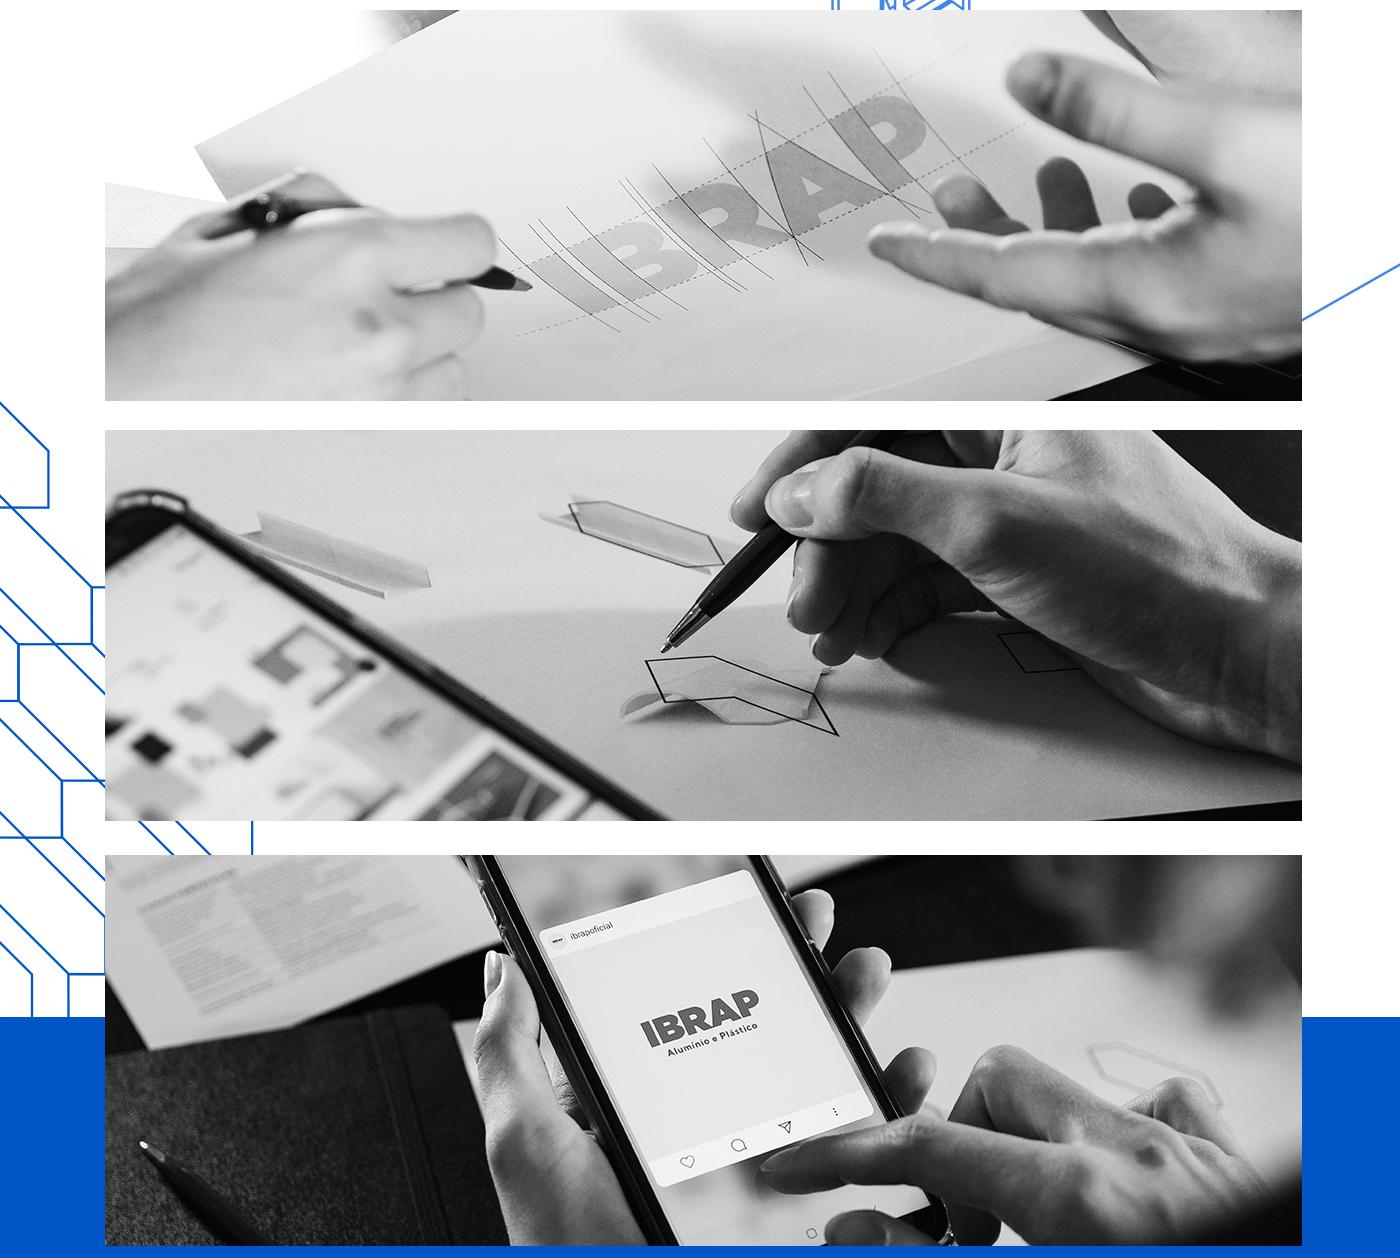 architecture branding  design emporia branding Engineering  ibrap interior design  logo rebranding